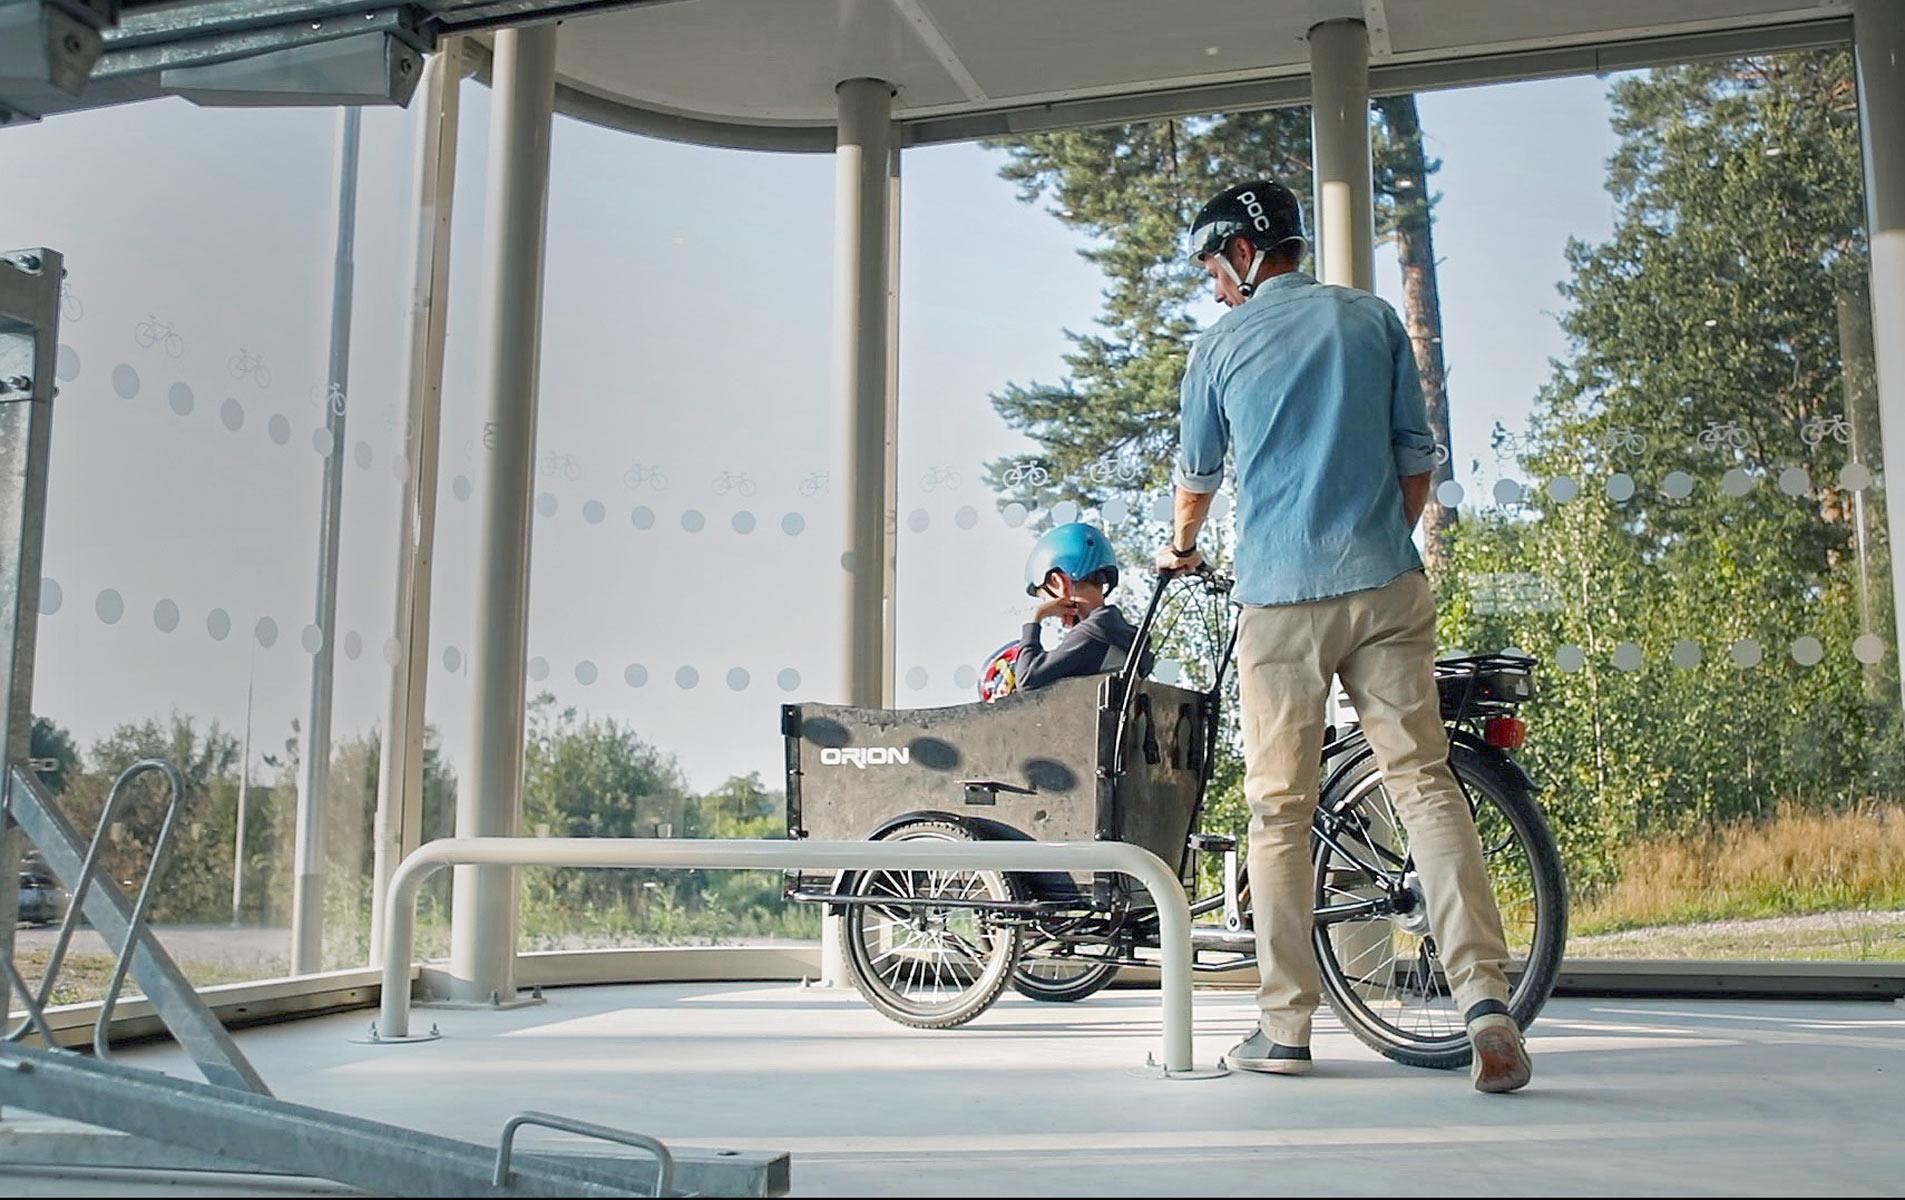 En pappa parkerar sin lastcykel vid en cykelparkering